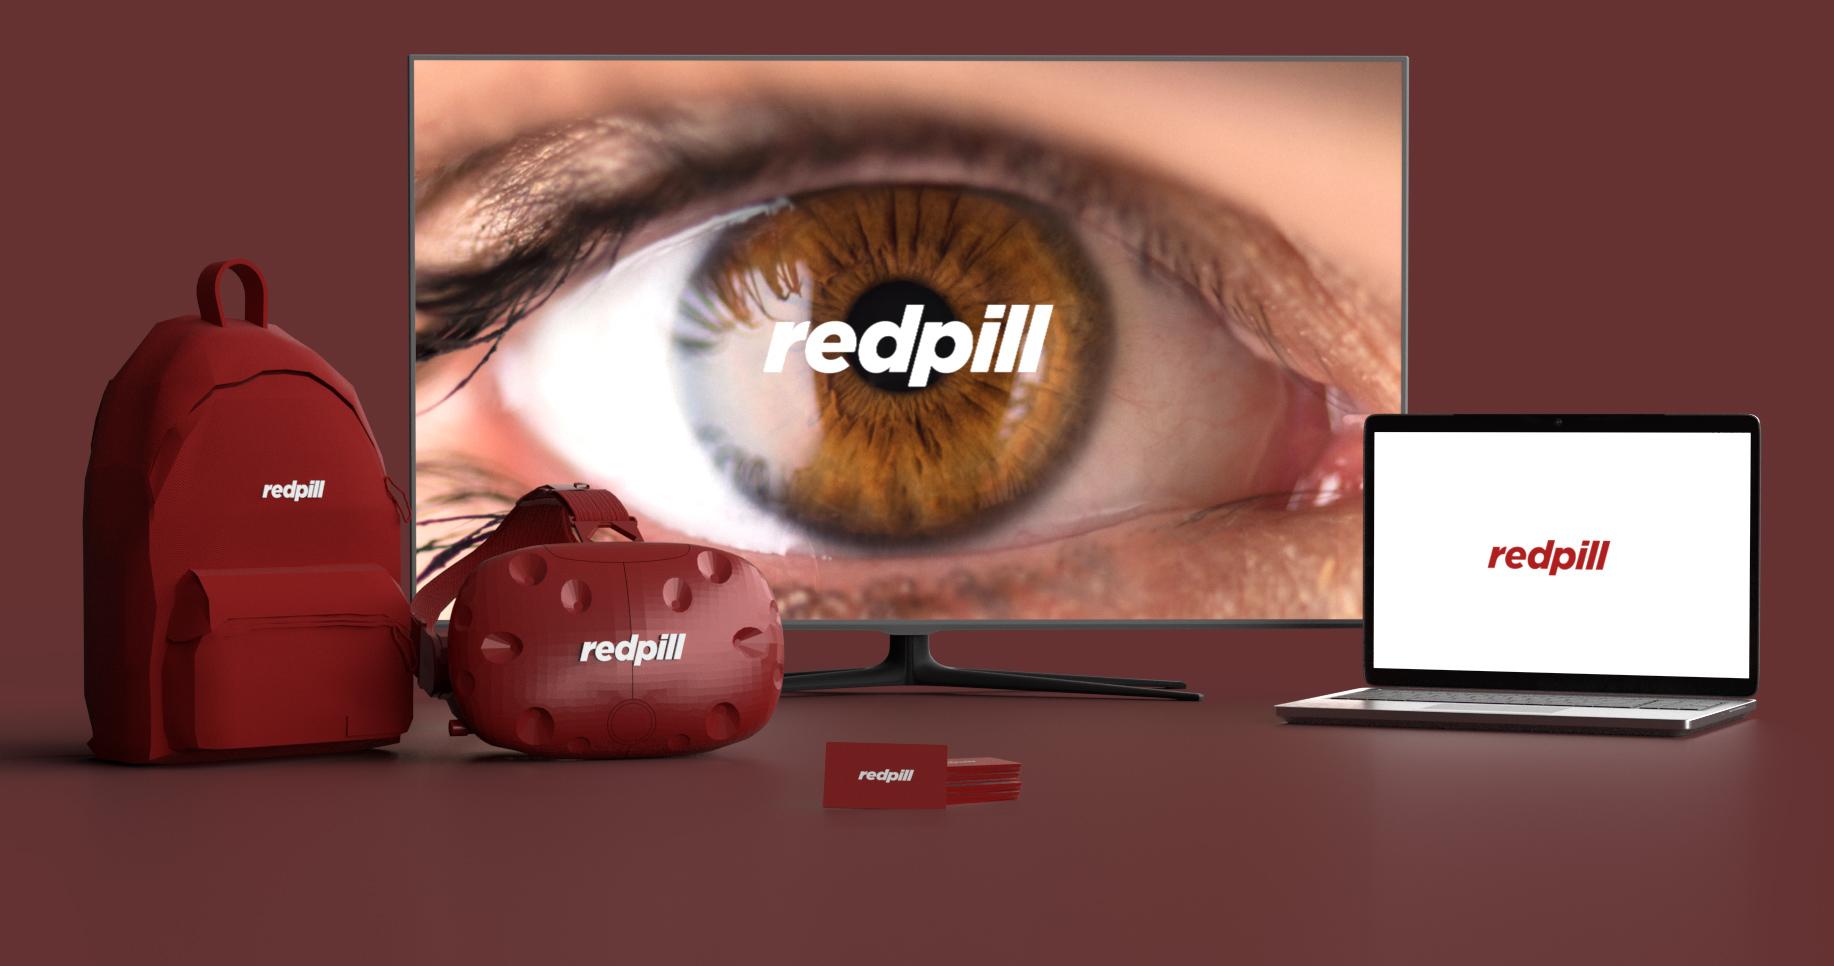 redpill_3d_assets-snapshot.jpg